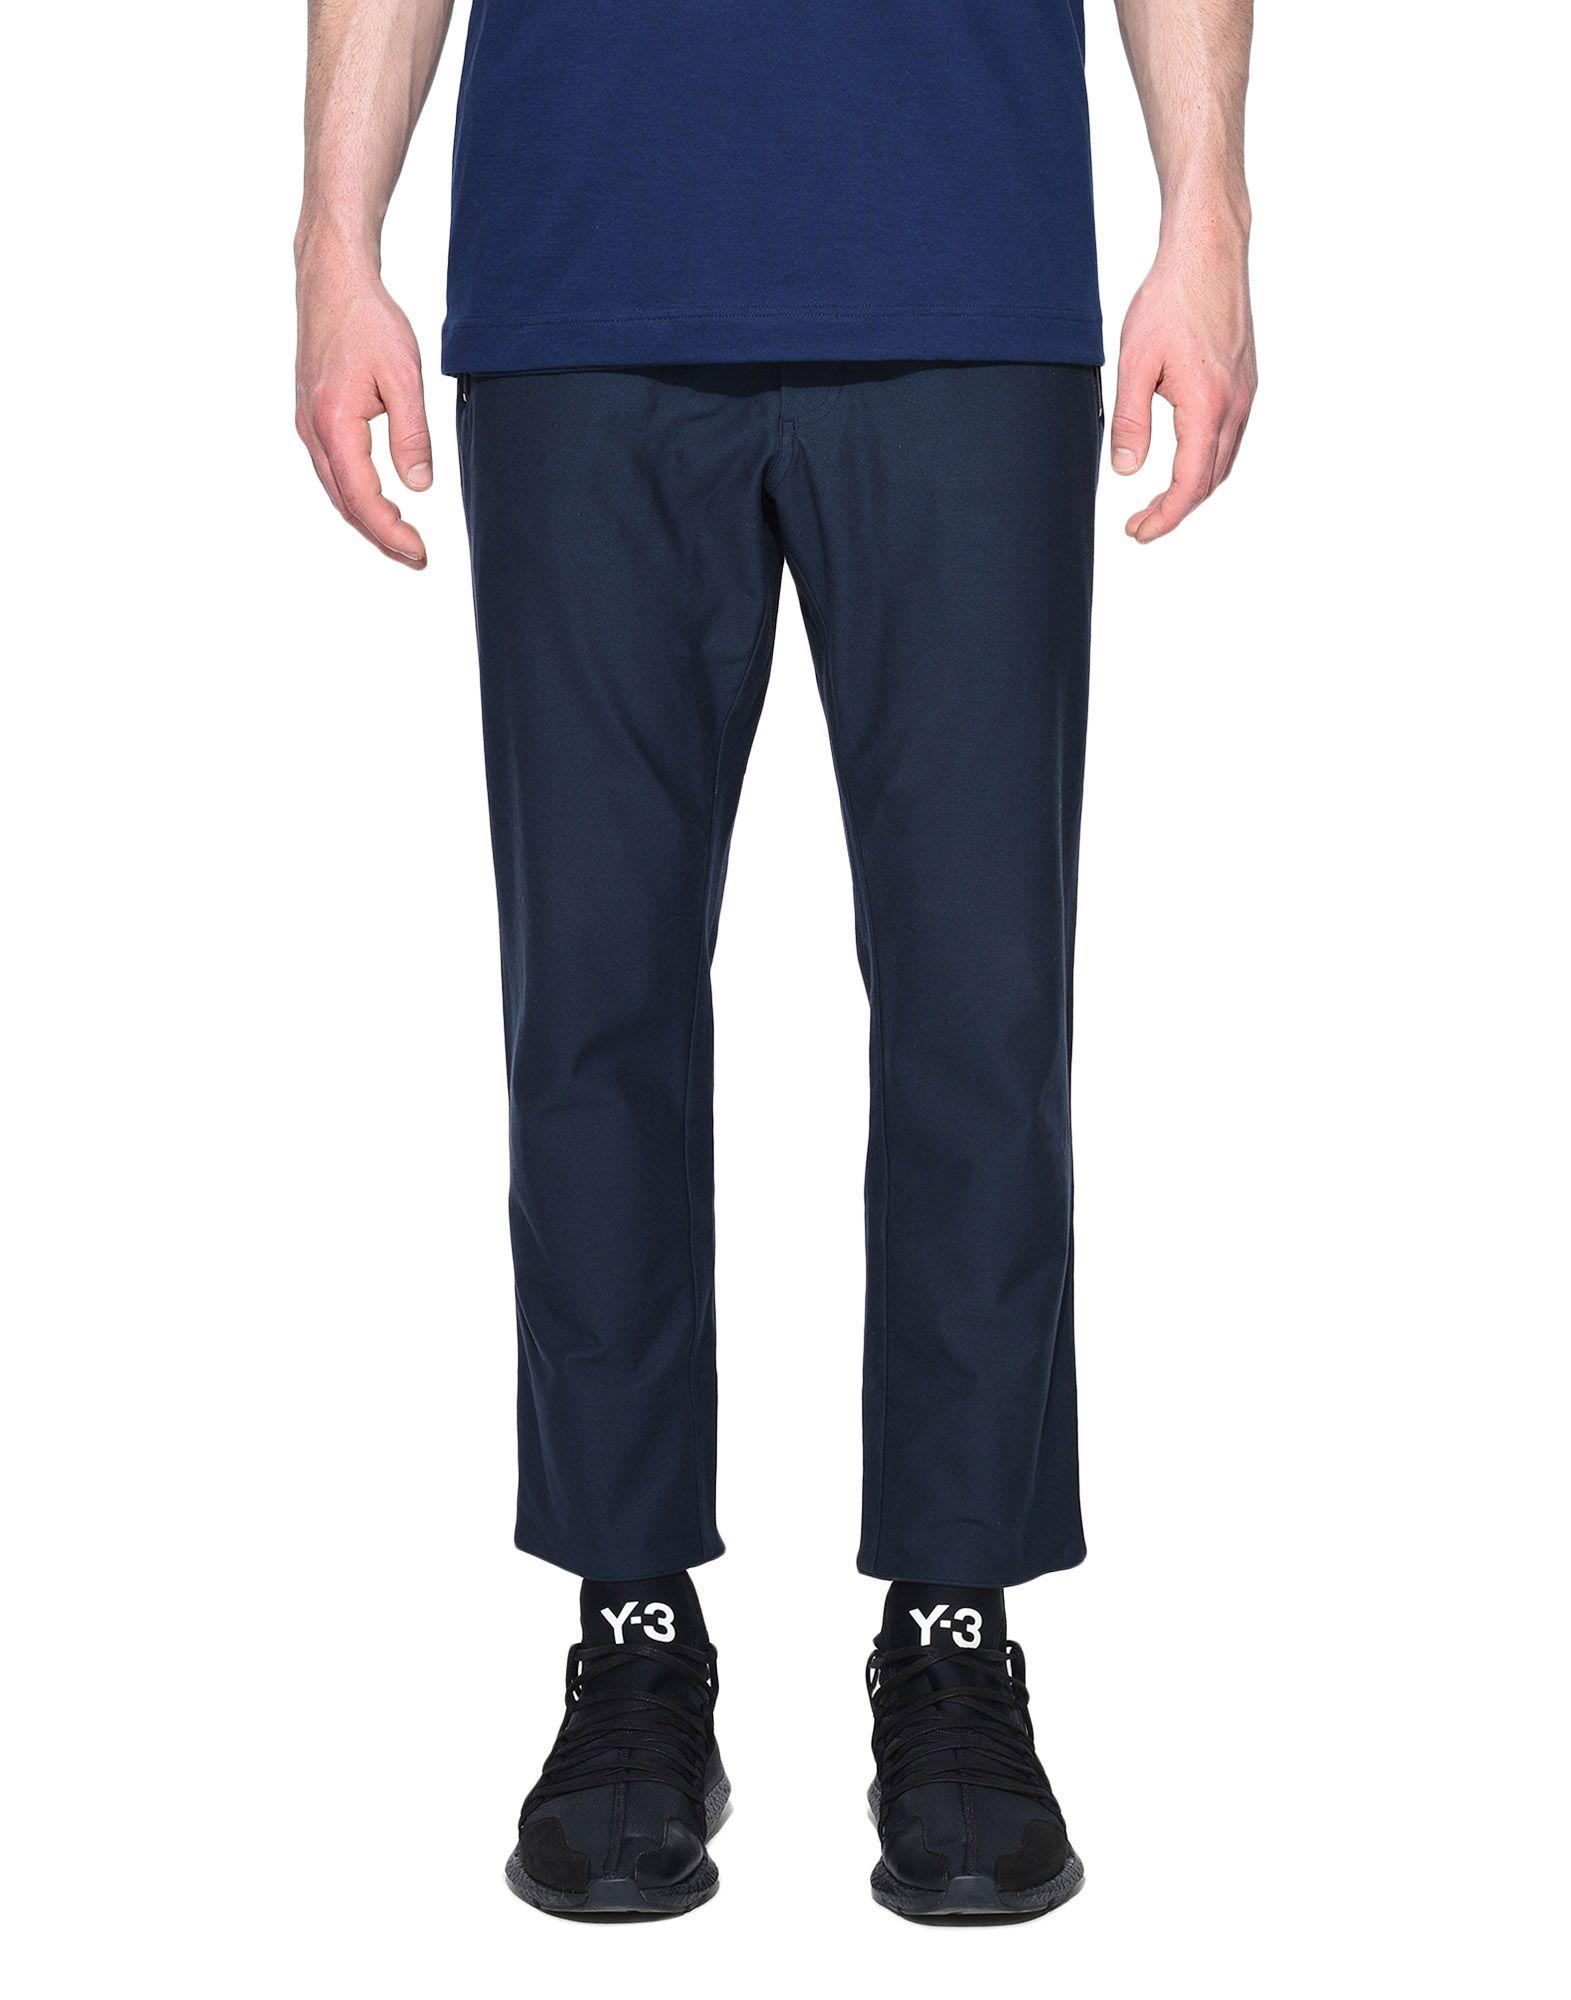 Y-3 Y-3 Twill Cropped Pants dreiviertellange Hose Herren r